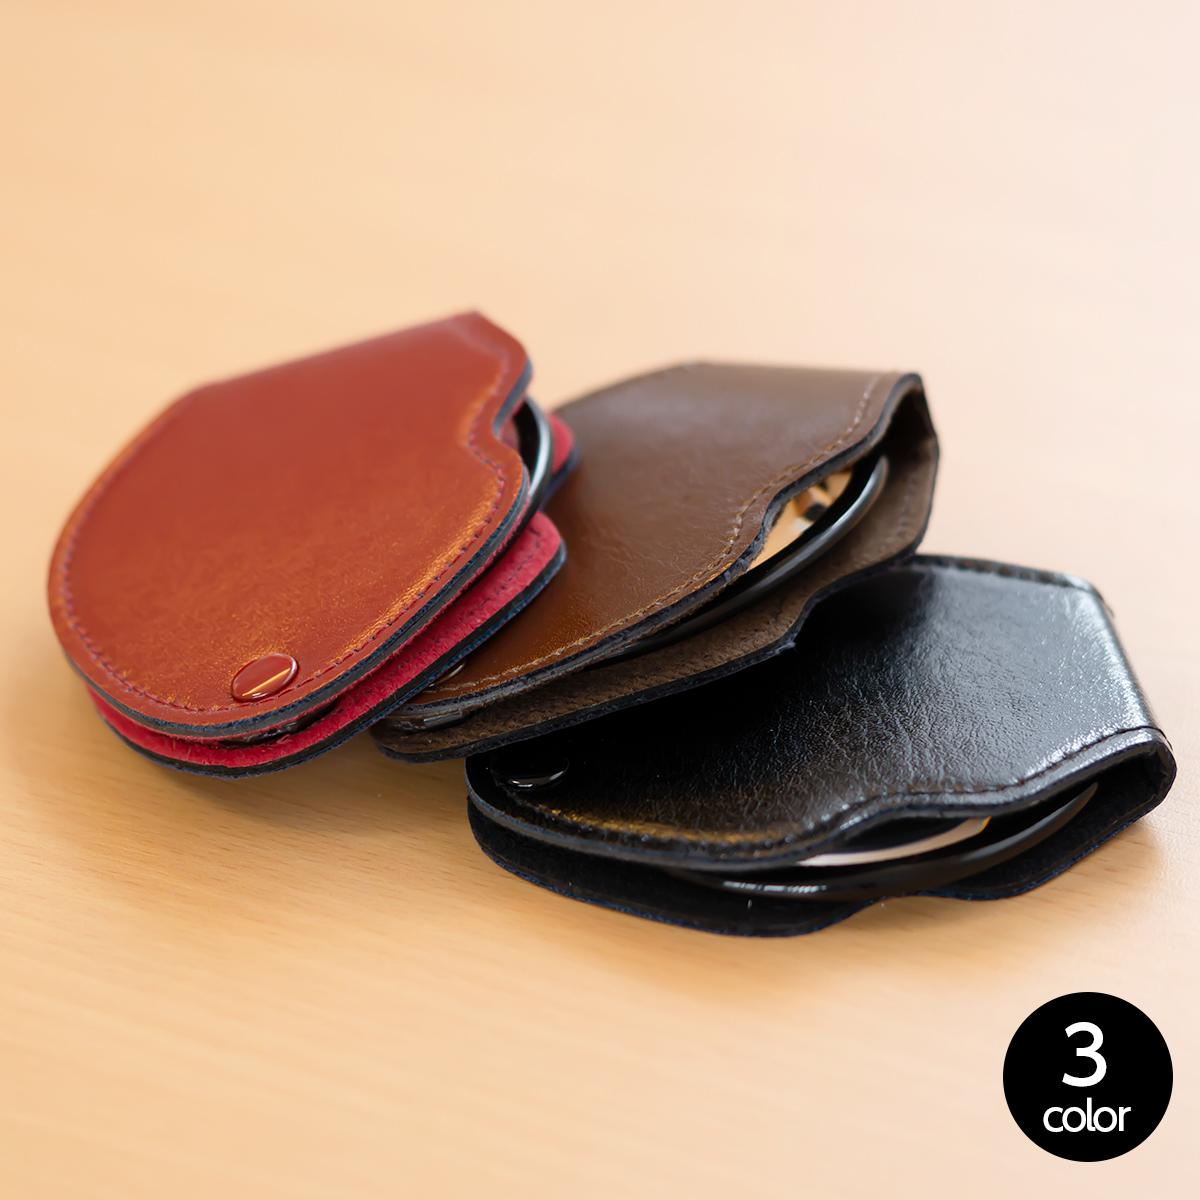 超激安 レンズ部分をコンパクトに収納 プレゼント カバンの中などでもレンズ面を傷から守る コンパクトタイプのポケットルーペ ポケットルーペ 2倍 携帯 日本製 4倍 コンパクト